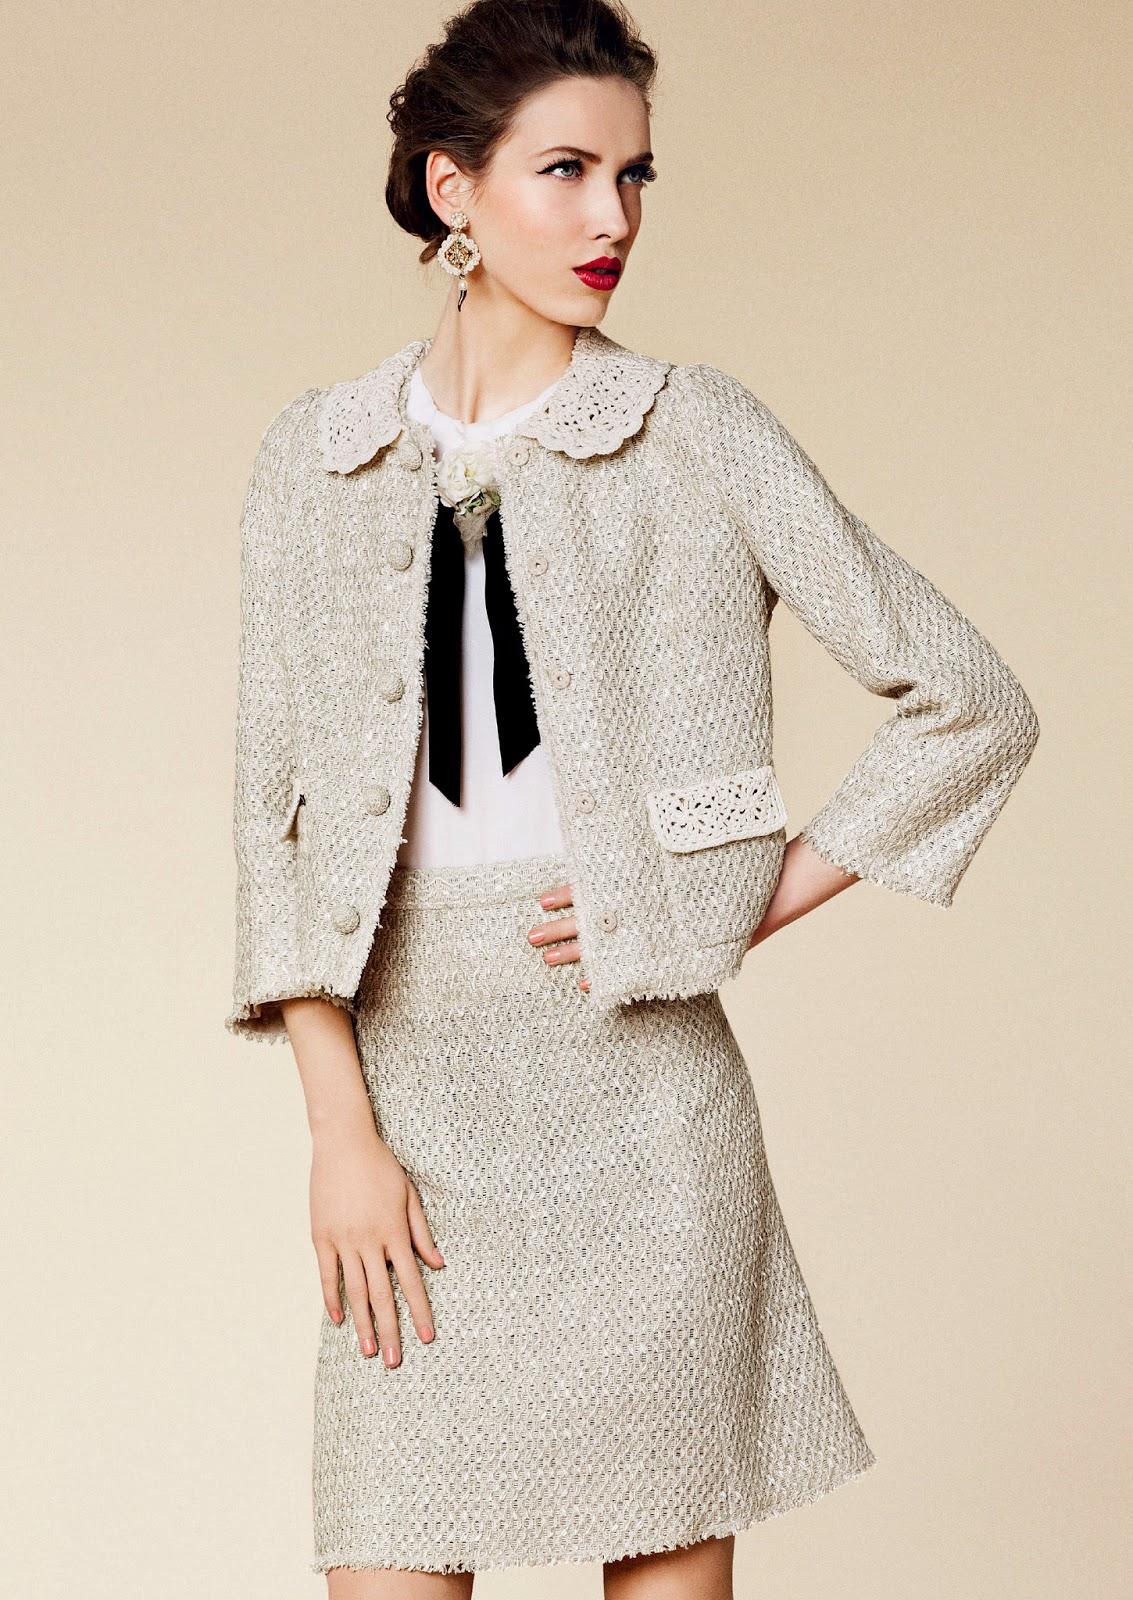 image13-47 | 20 стильных образов с юбкой и жакетом для деловых леди